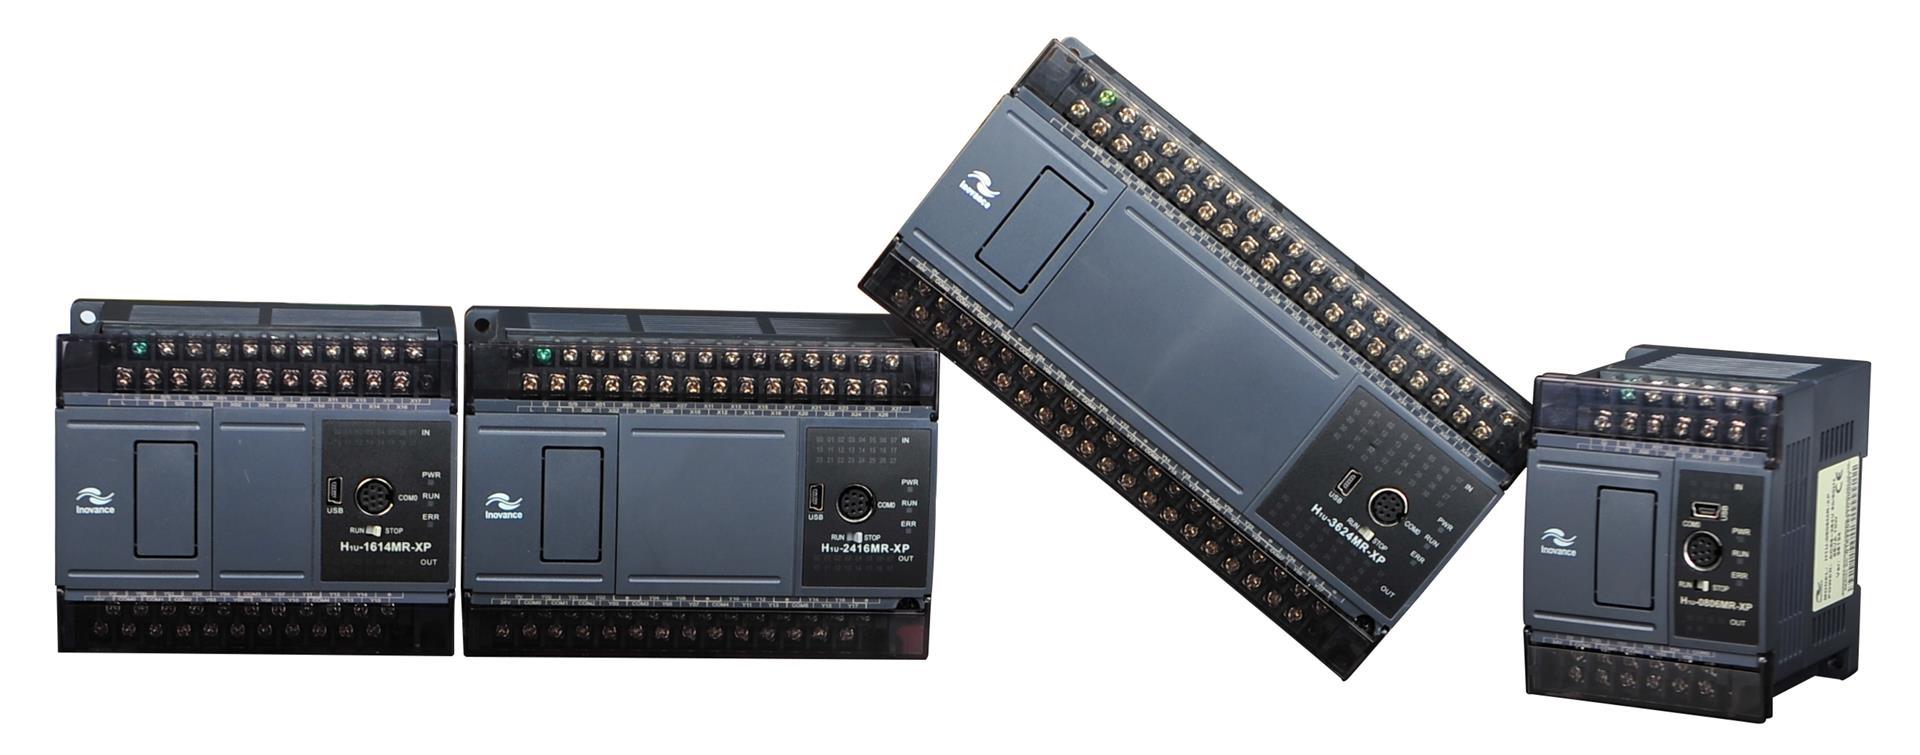 日本三菱CC-LINK模块AJ65SBTB116T程序设计